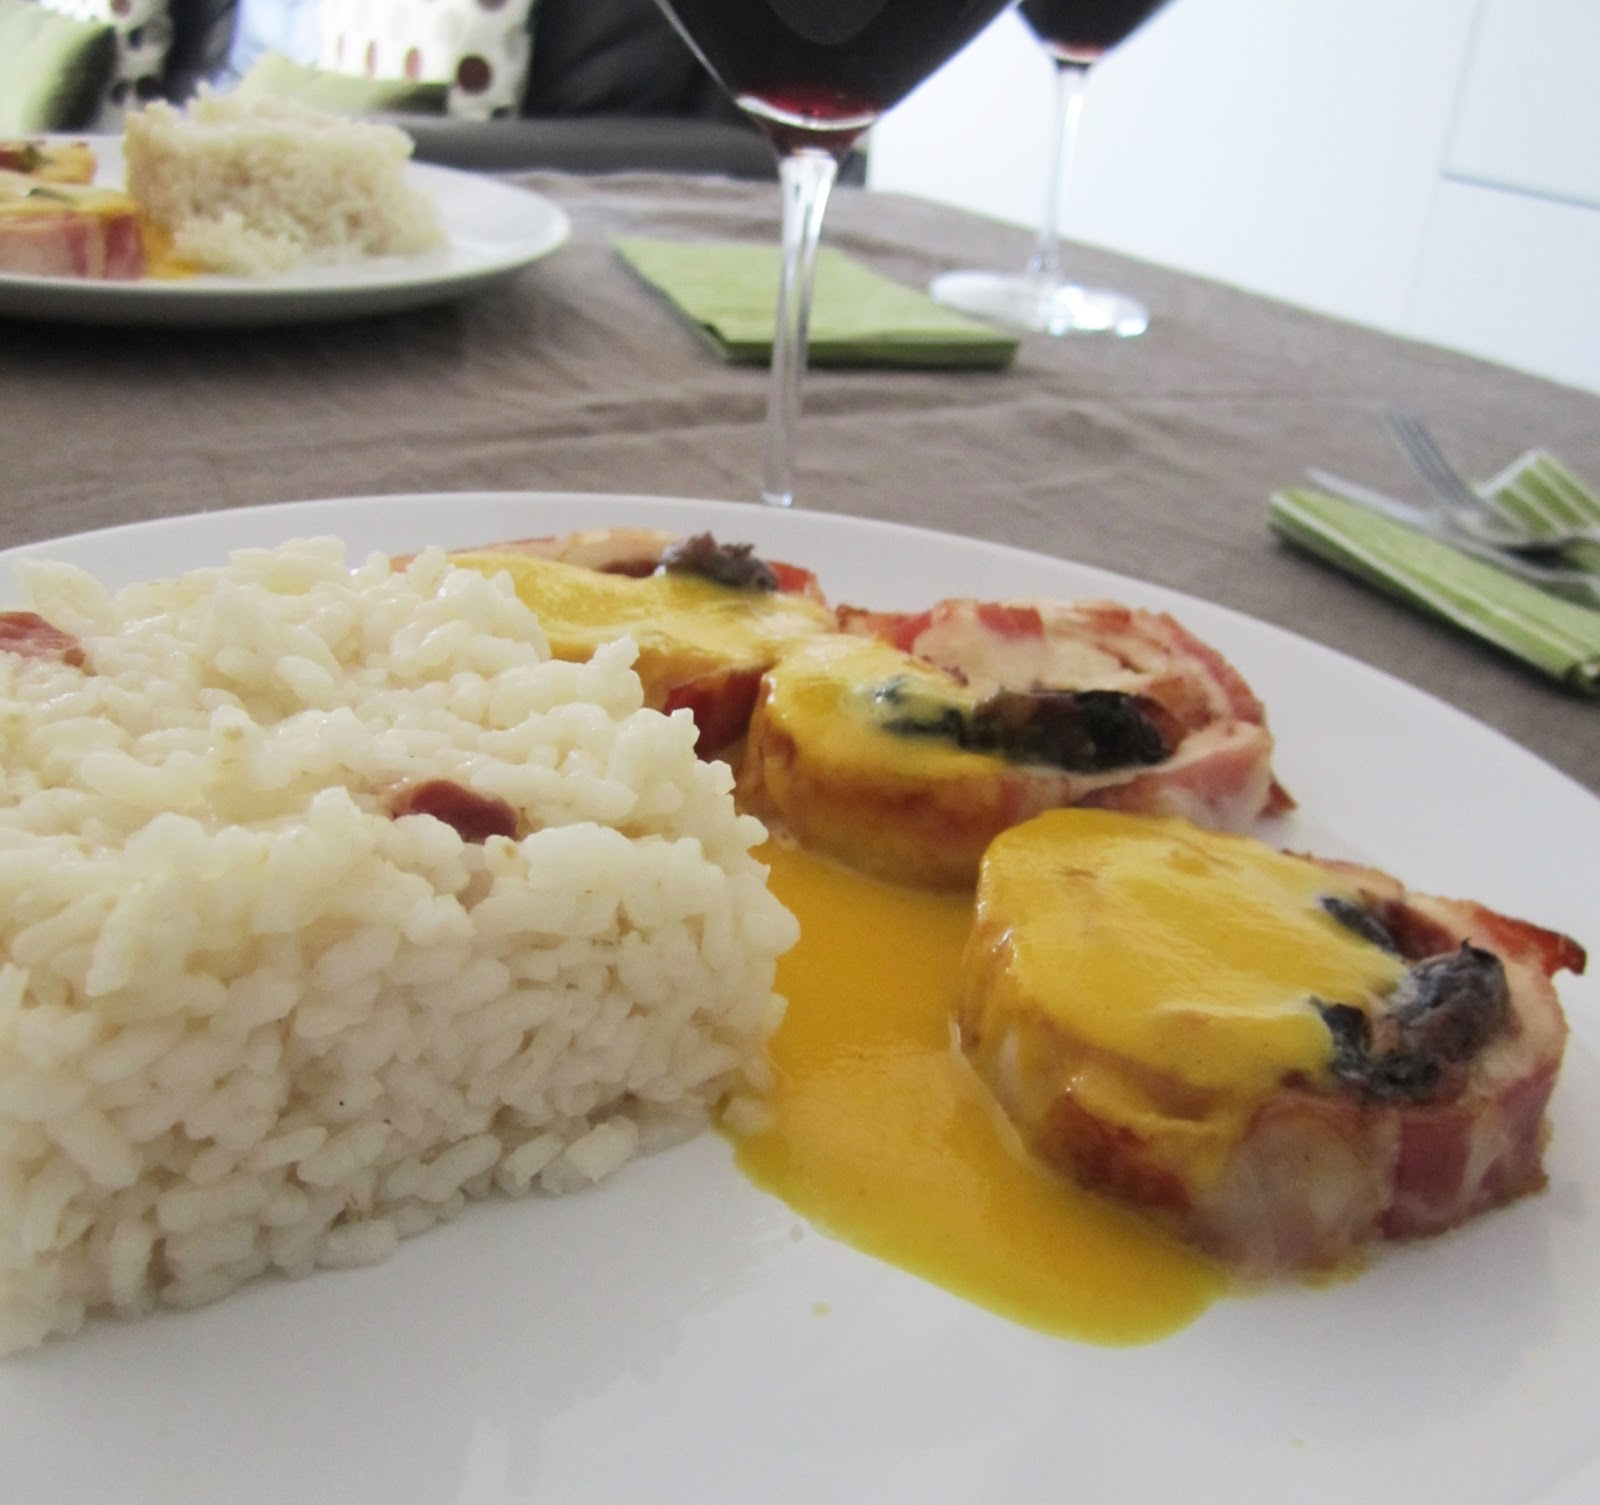 Un domingo en mi cocina rollo de pavo relleno con salsa de naranja y canela los mi rcoles - Salsa para relleno de carne ...